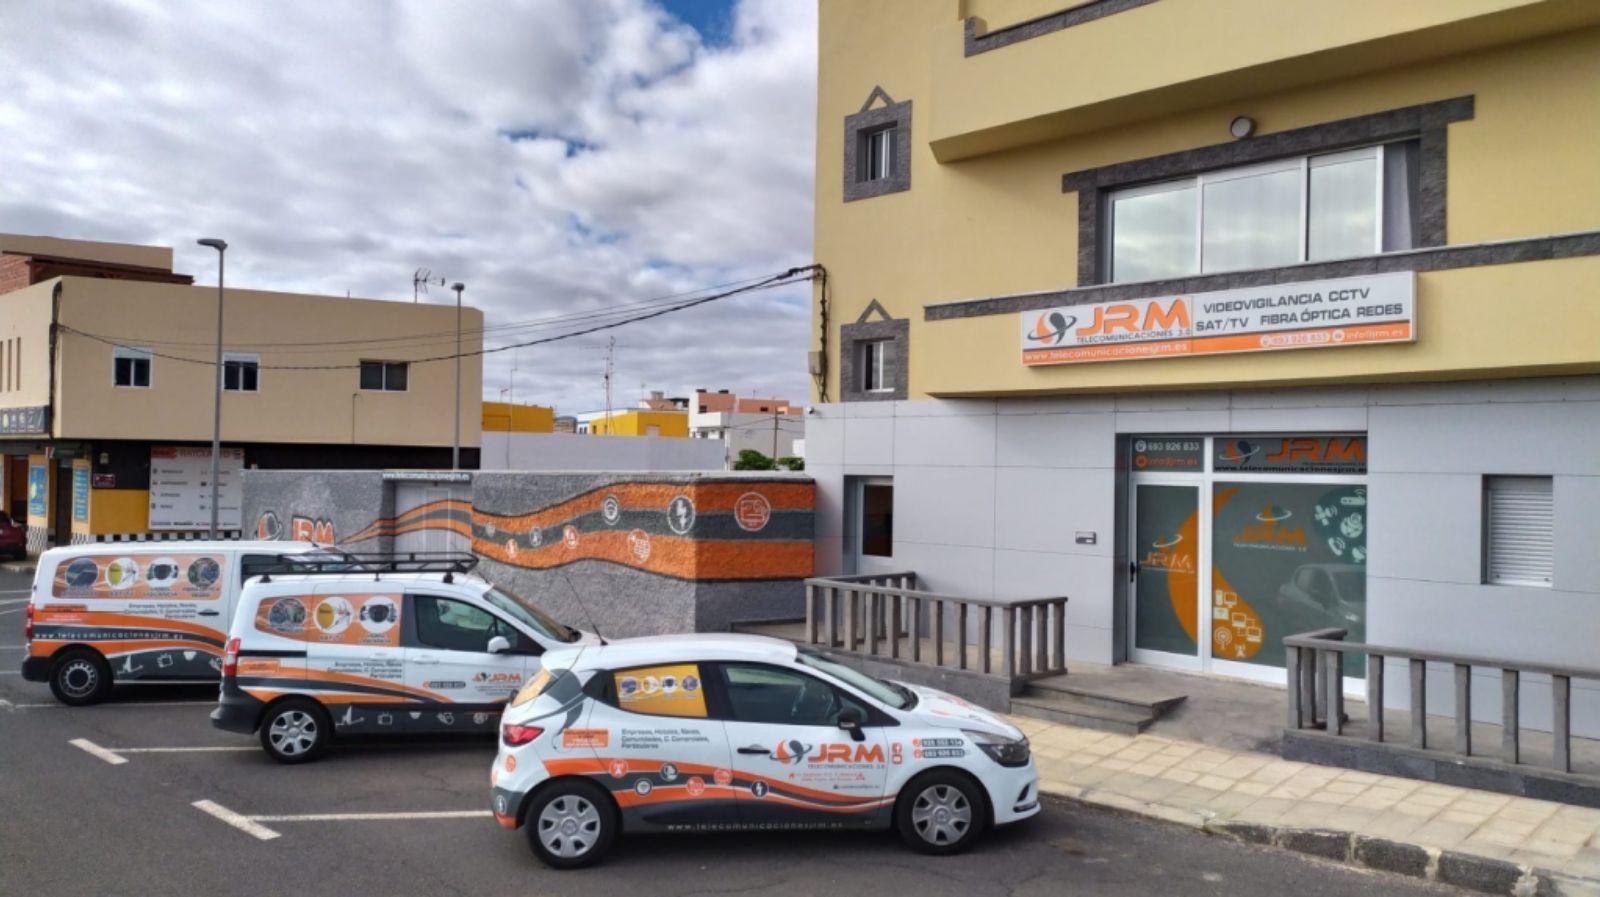 Servicios de telecomunicaciones Fuerteventura JRM